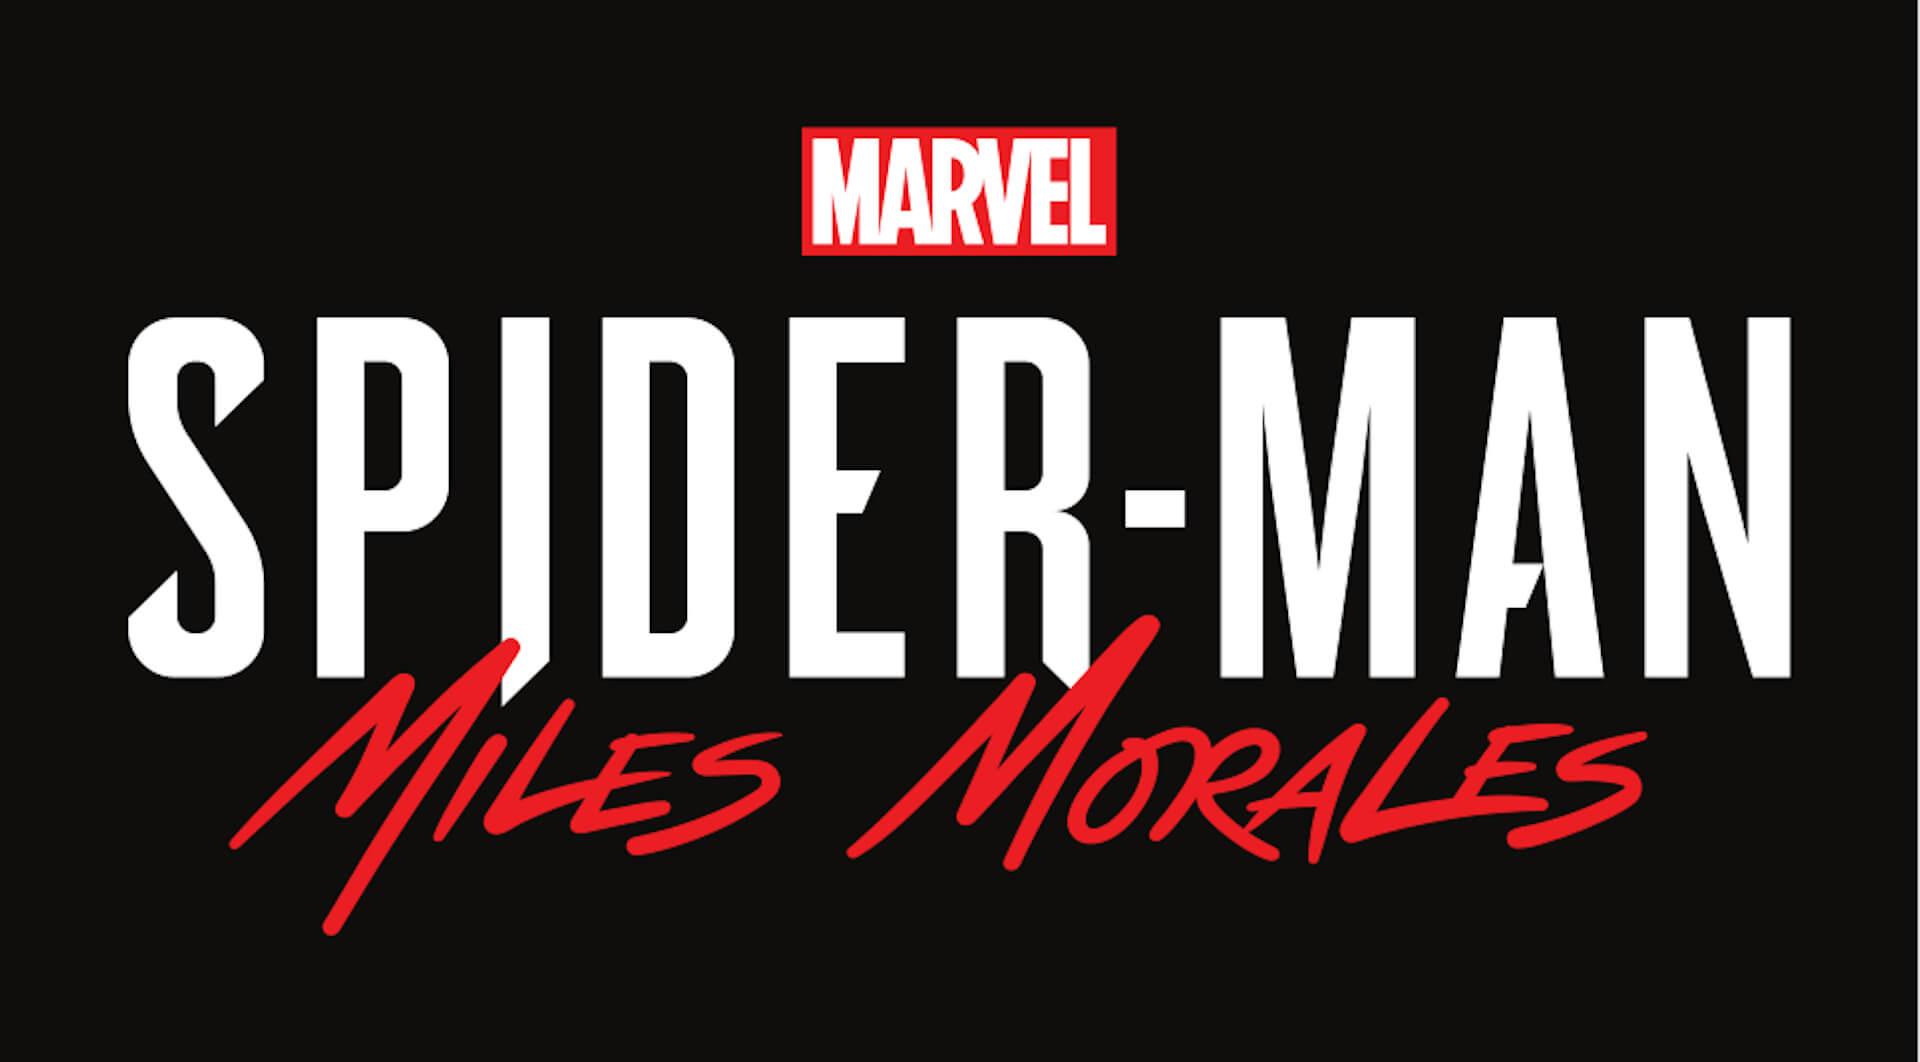 『スパイダーマン』のマイルズ・モラレスとなってNYの街を守り抜け!『Marvel's Spider-Man: Miles Morales』が来週ついに発売 tech201106_spiderman_ps5_7